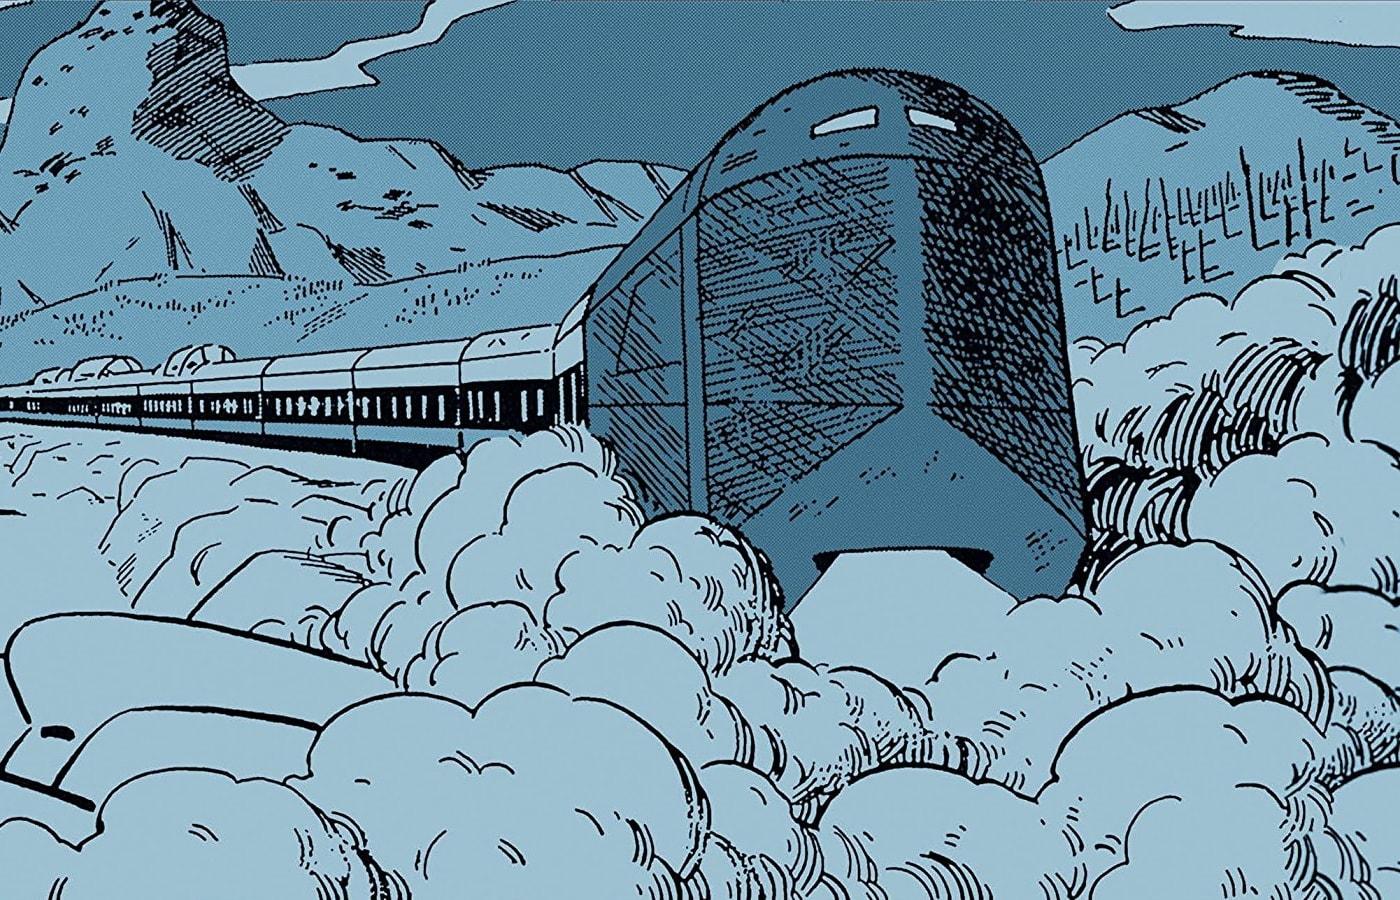 Мнение окомиксе «Сквозь снег». Грустное путешествие, аневеликая революция